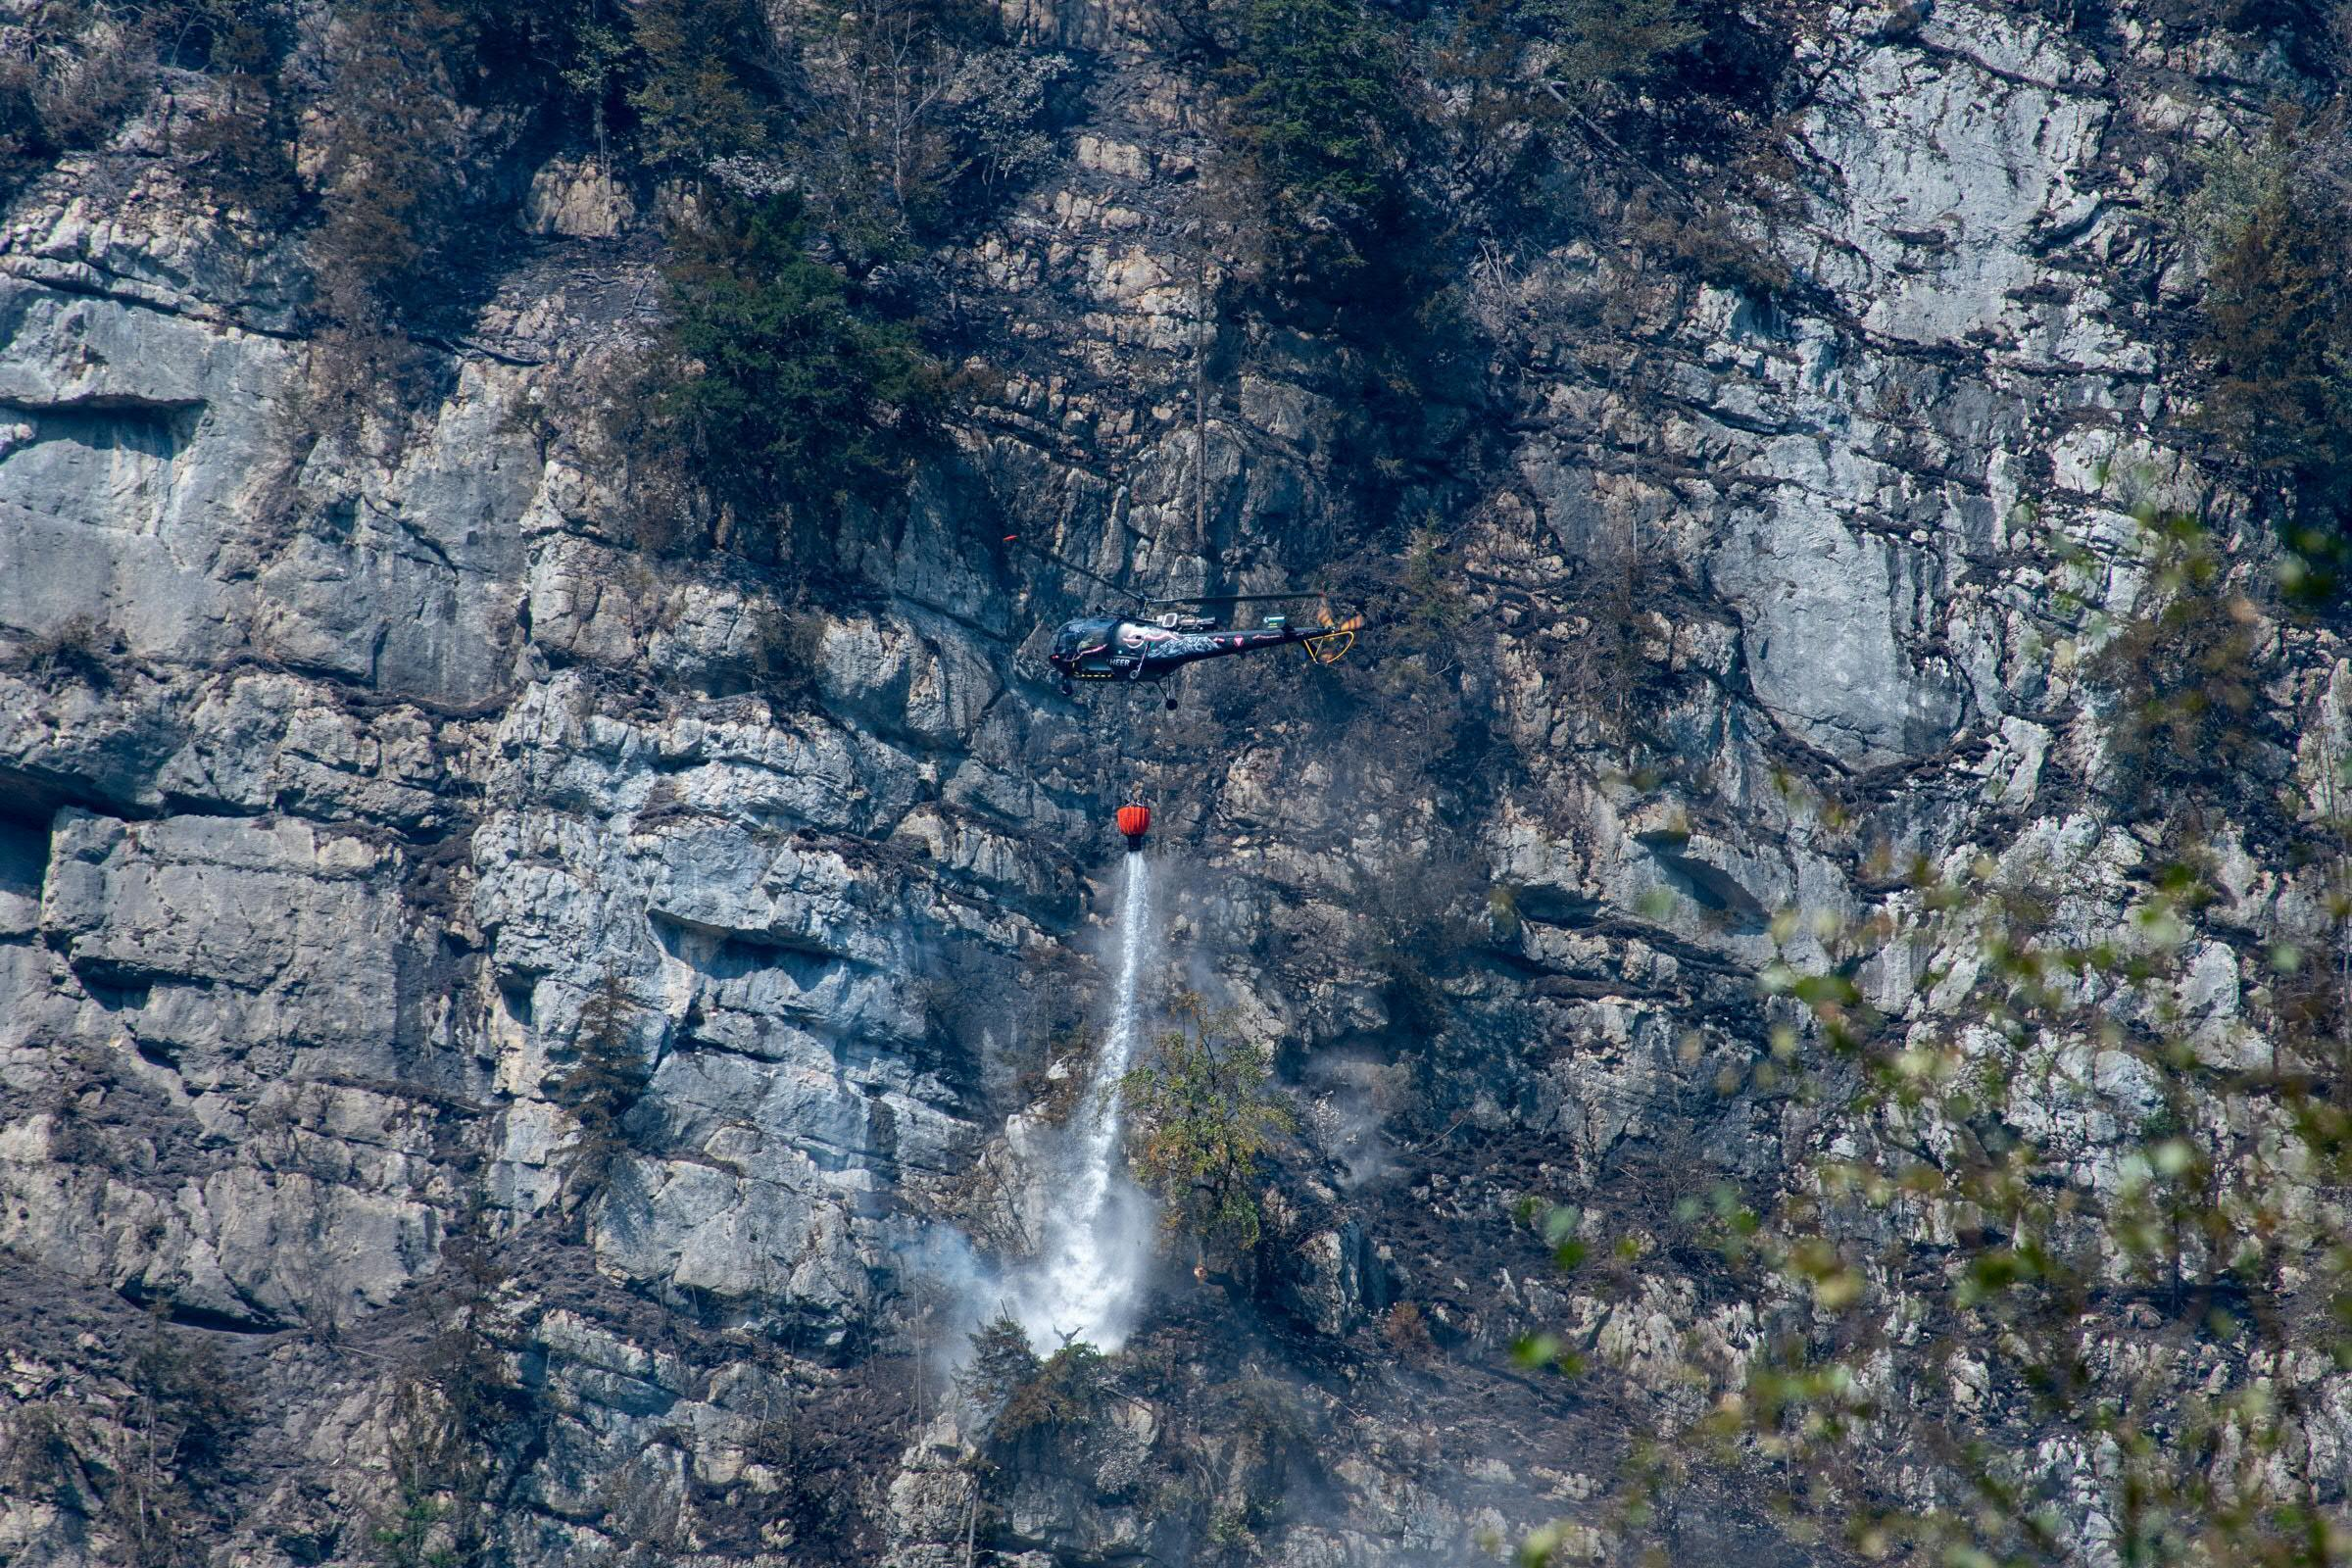 Klettersteigset Hydra : Großbrand bei klettersteig echernwand